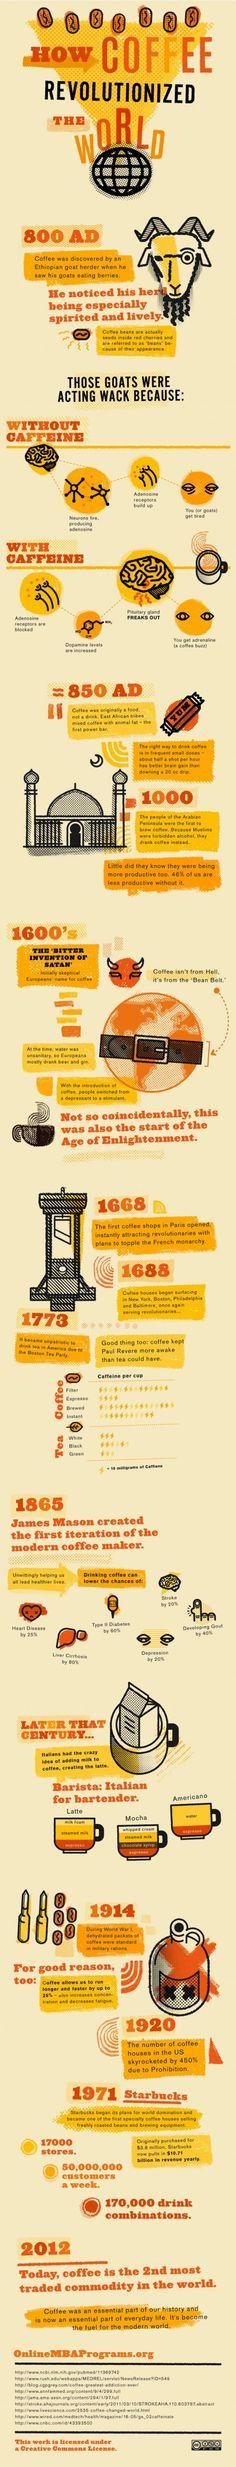 how coffee revolutionized the world. Koffie was van oorsprong een etenswaar, en geen drank. Wist je dat? In deze infographic lees je nog veel meer koffie weetjes, en leer je hoe koffie de wereld veranderde.